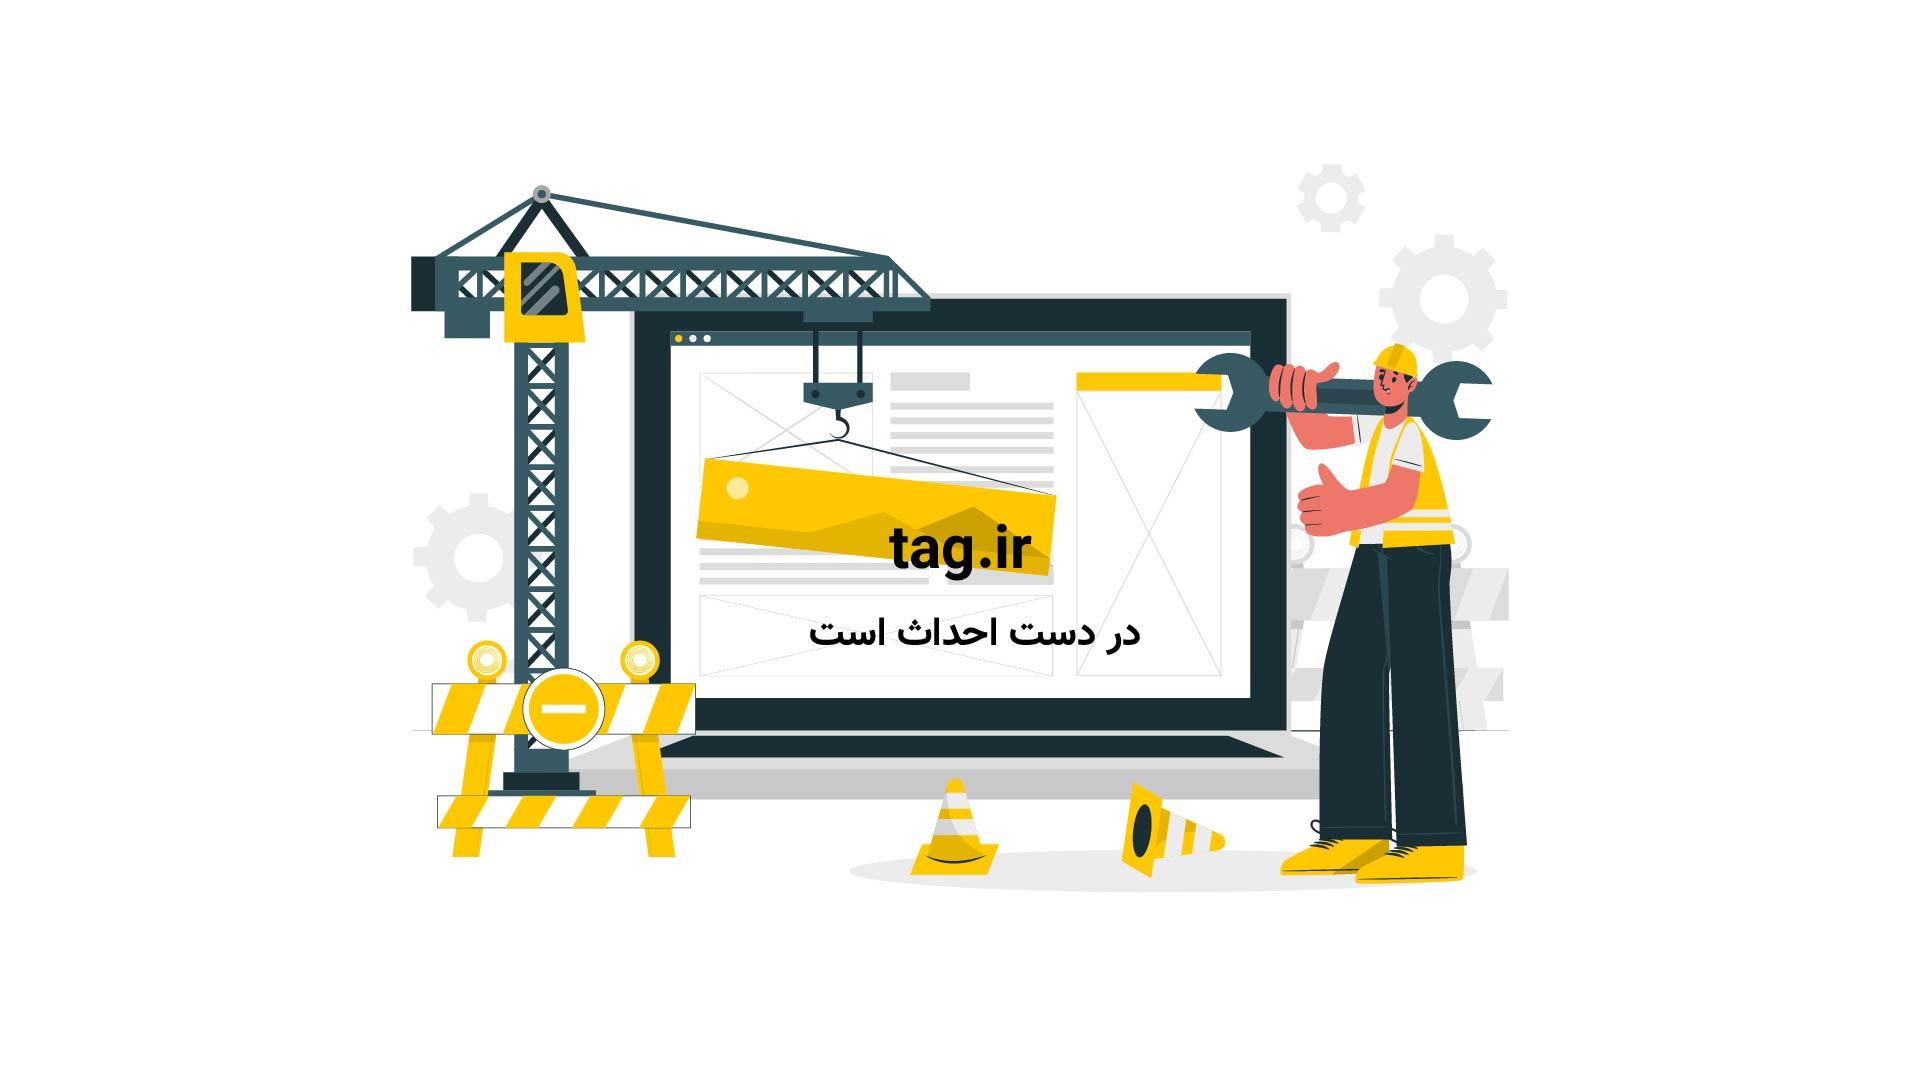 سخنرانیهای تد؛ مقاصد شما در زندگی، نشاندهنده چیست | فیلم